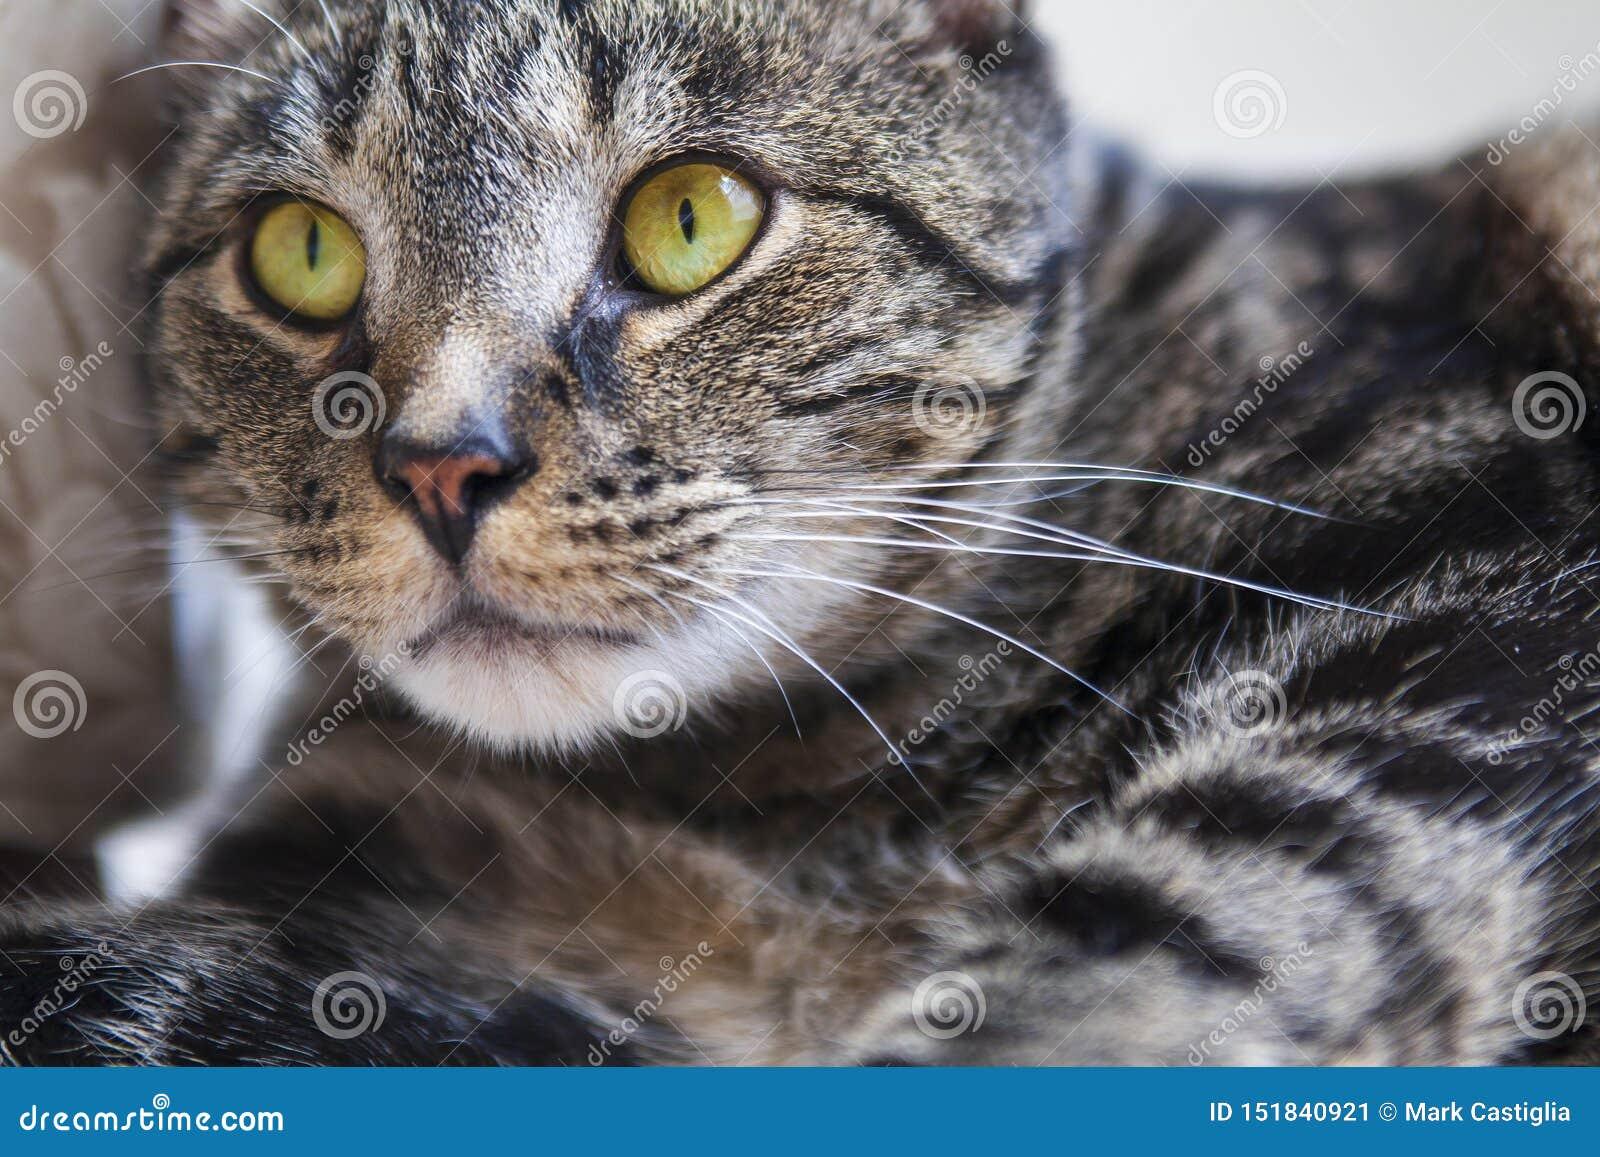 Gato de gato atigrado que mira intenso en la distancia cercana con los ojos amarillos vibrantes